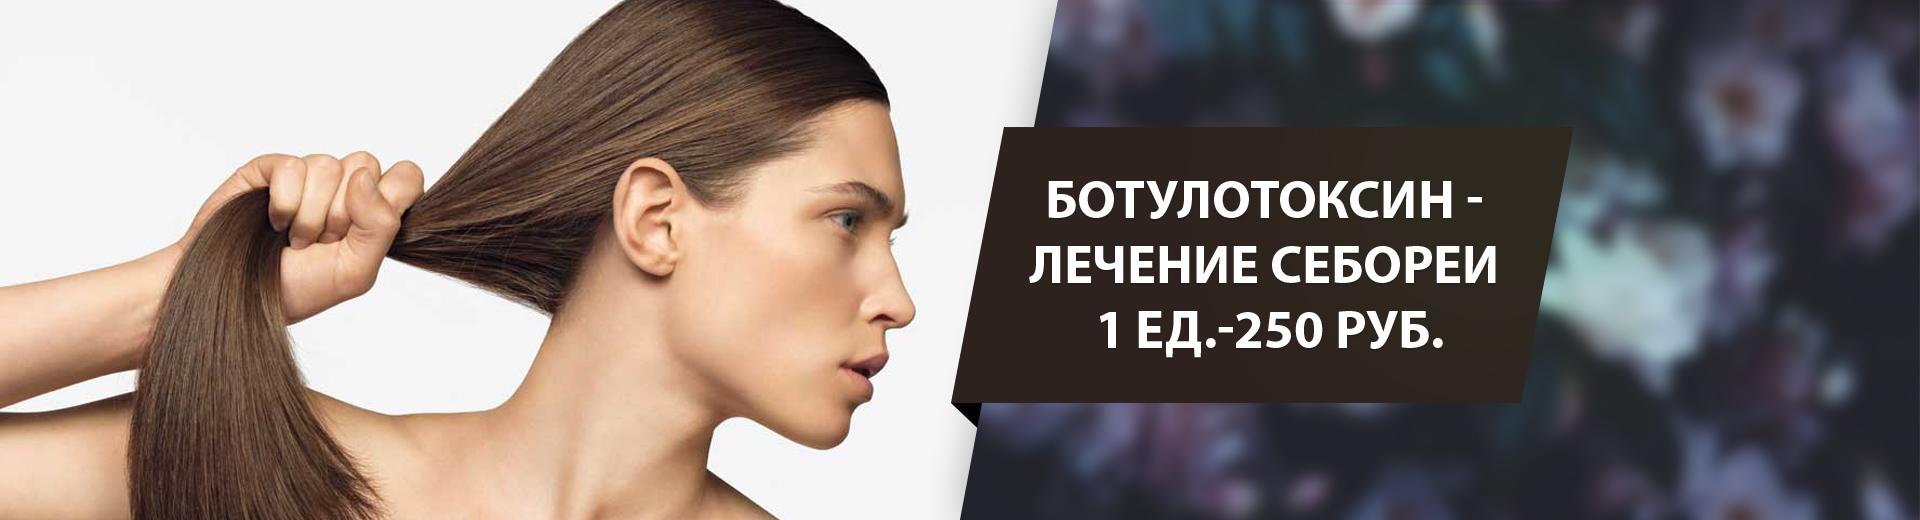 Ботулотоксин - лечение себореи